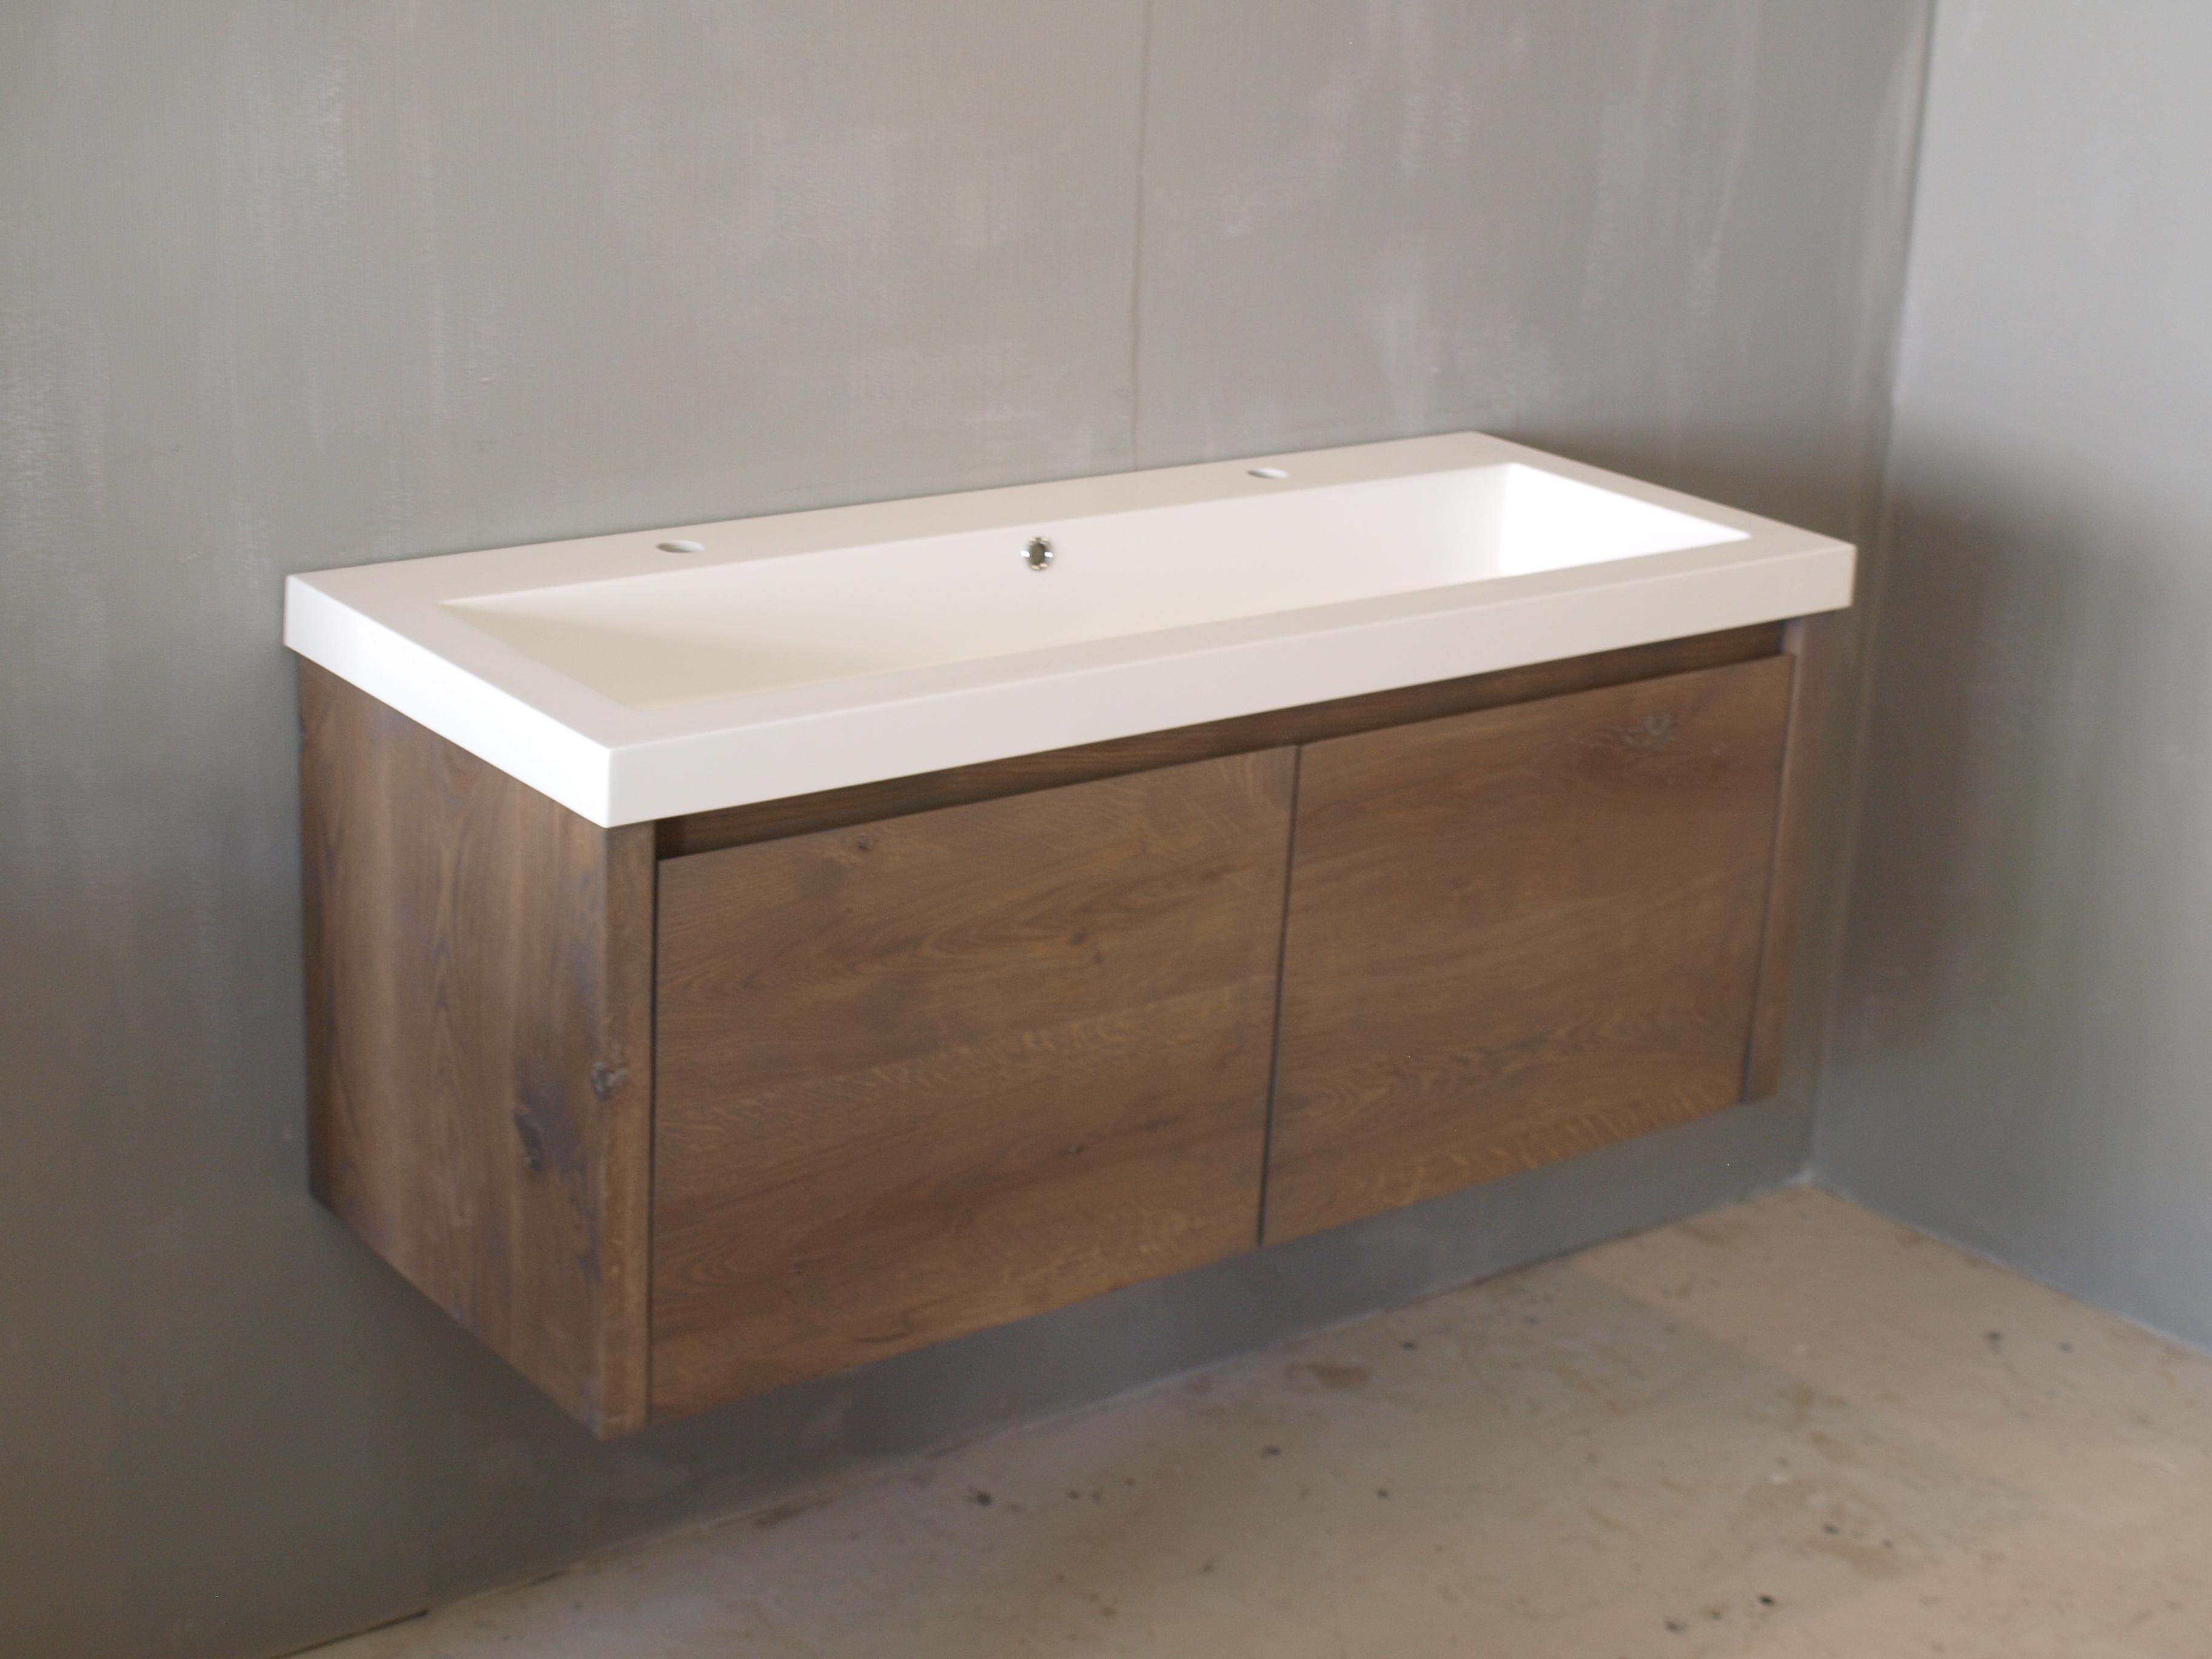 Badkamermeubel bella vita eiken 120 wood4 badkamermeubels accessoires - Badkamer badkamer meubels ...